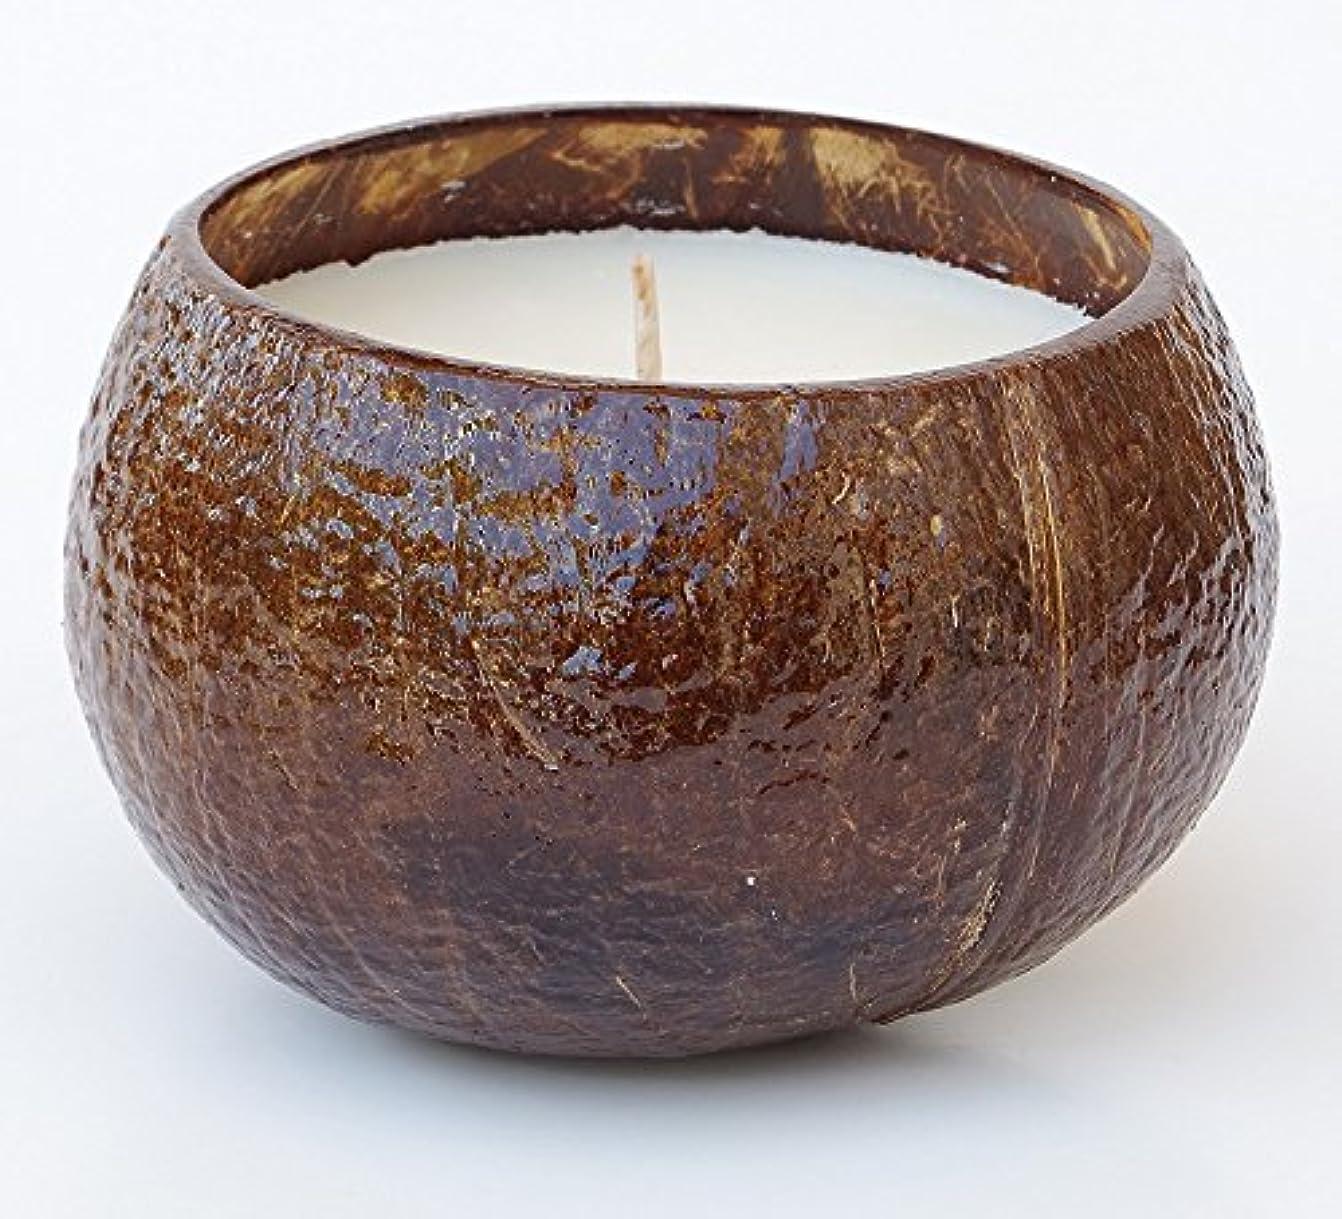 ステープルダウンタウン平凡ハワイアンCandle & Bath – プルメリア香りつきSoy Candle in Realココナッツシェル、16オンス、ハンド、Made in USA